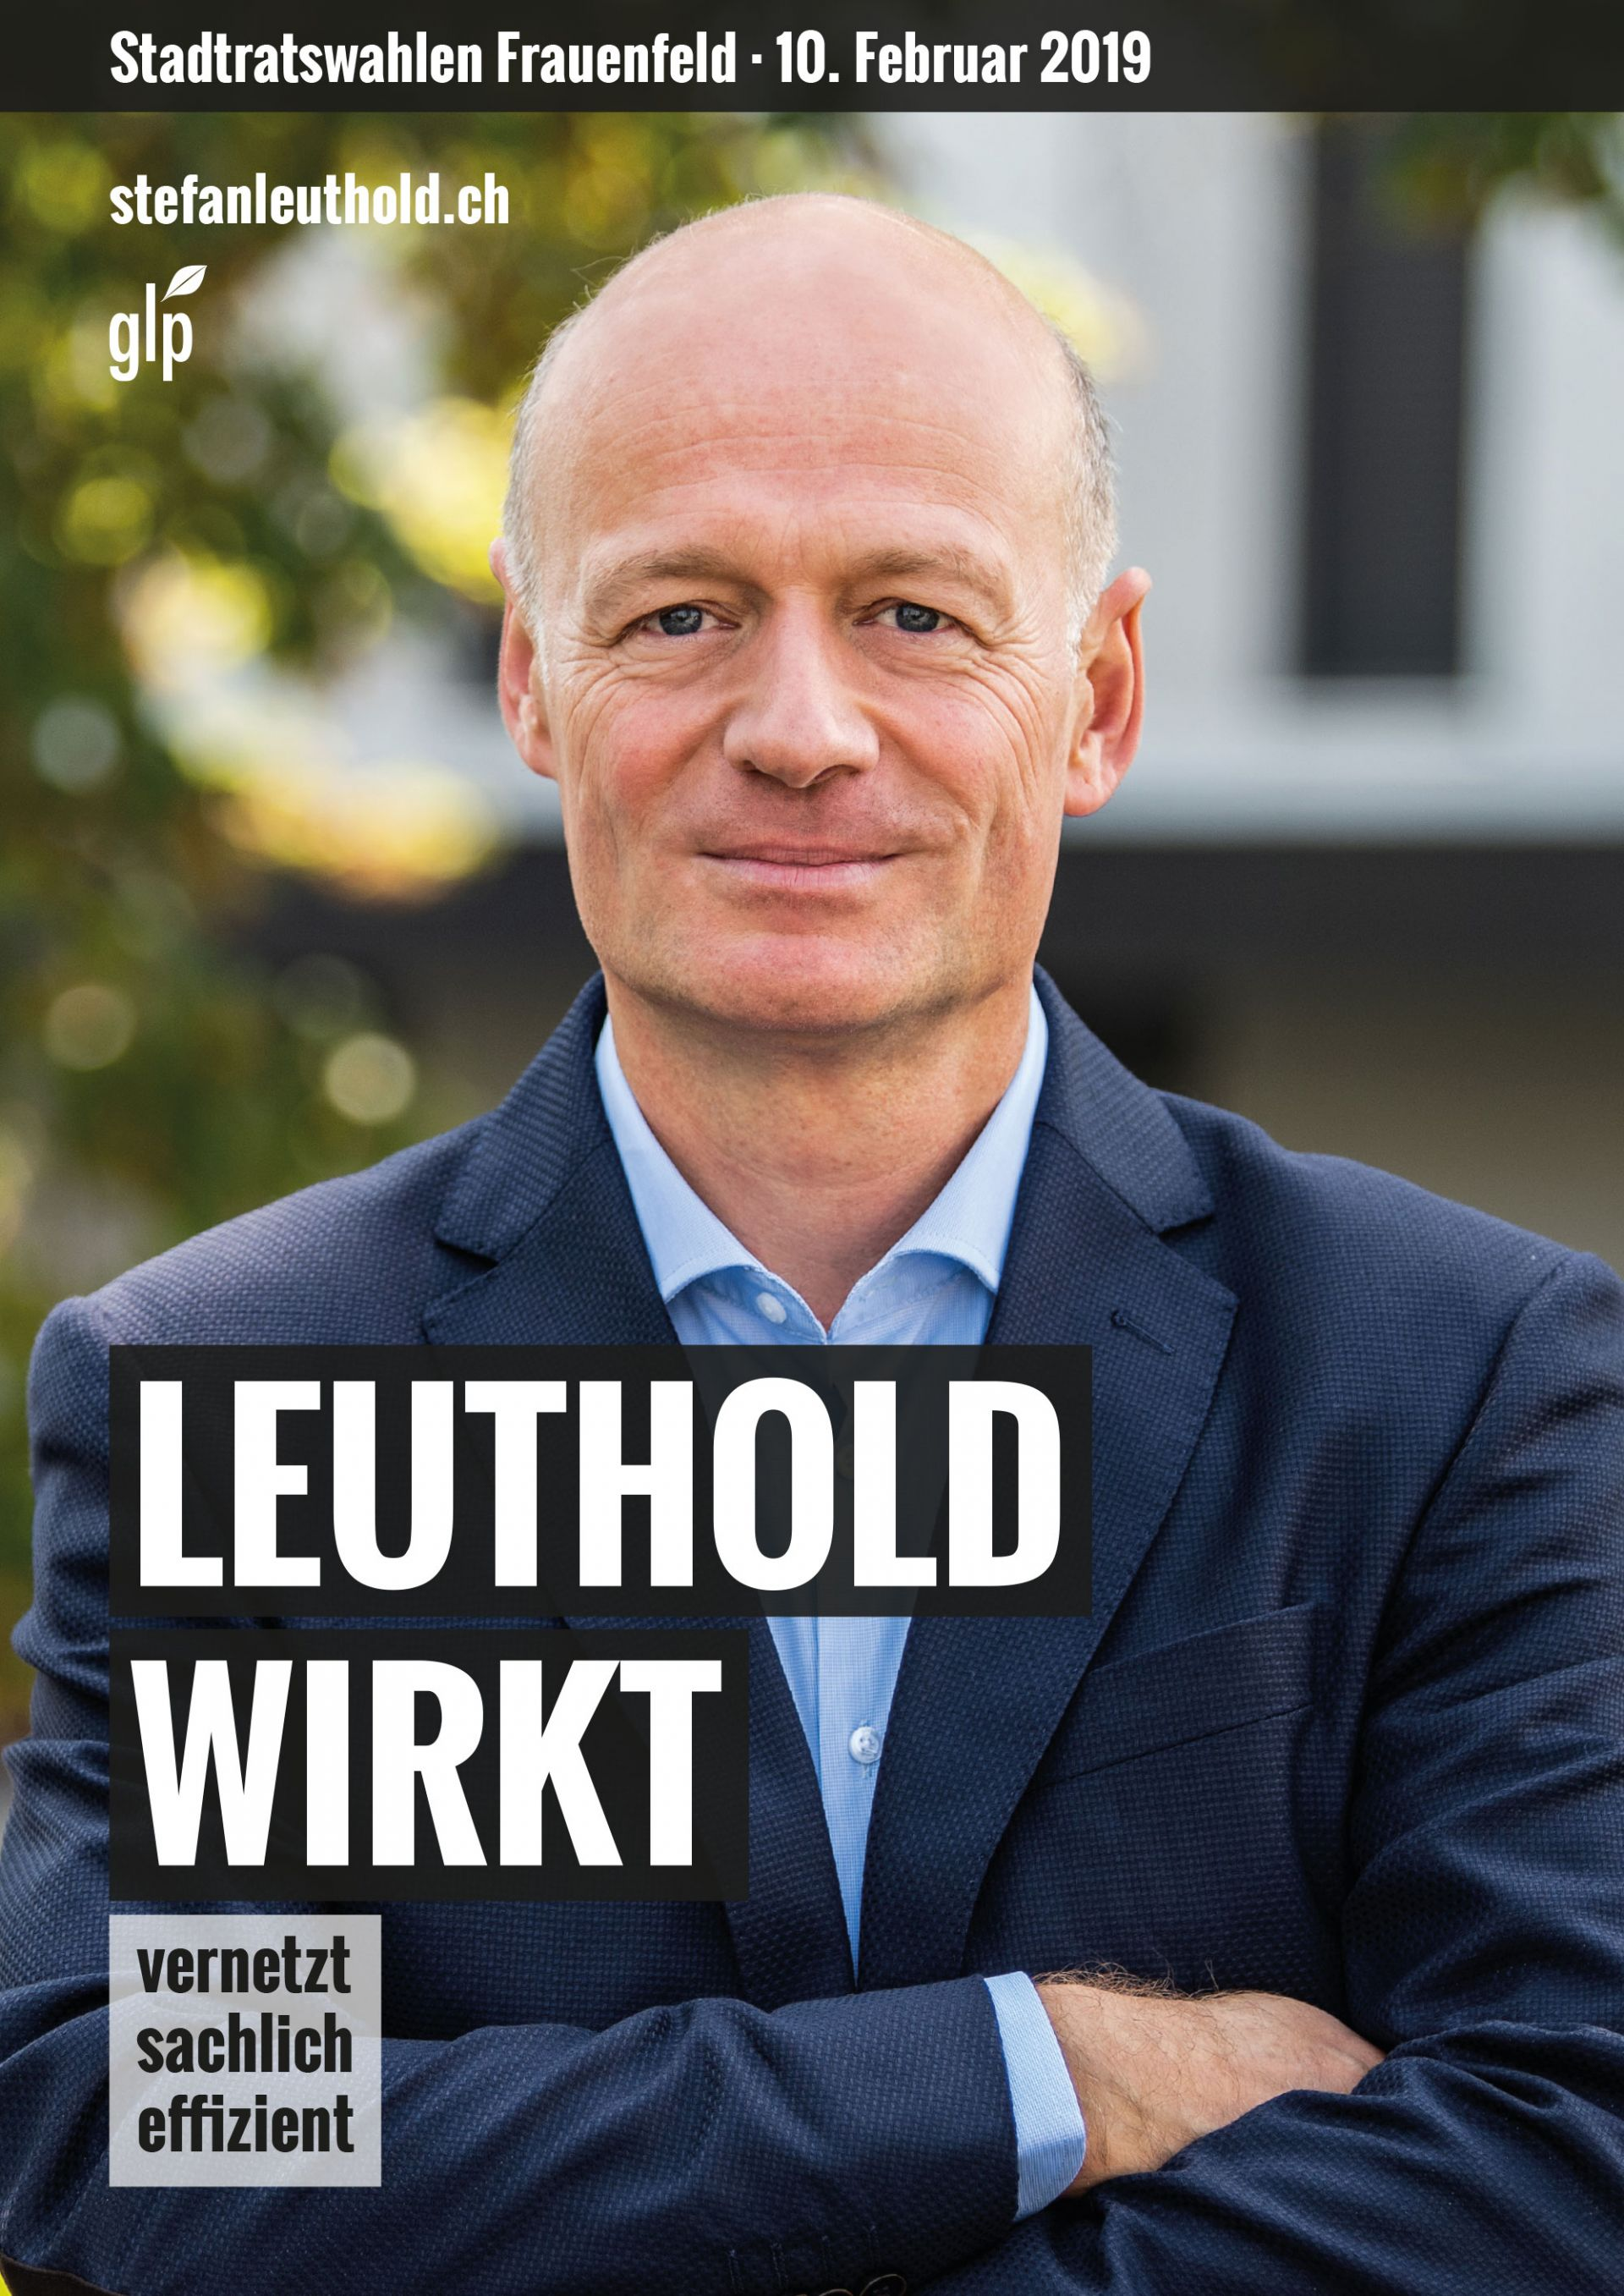 Stefan Leuthold wirkt.